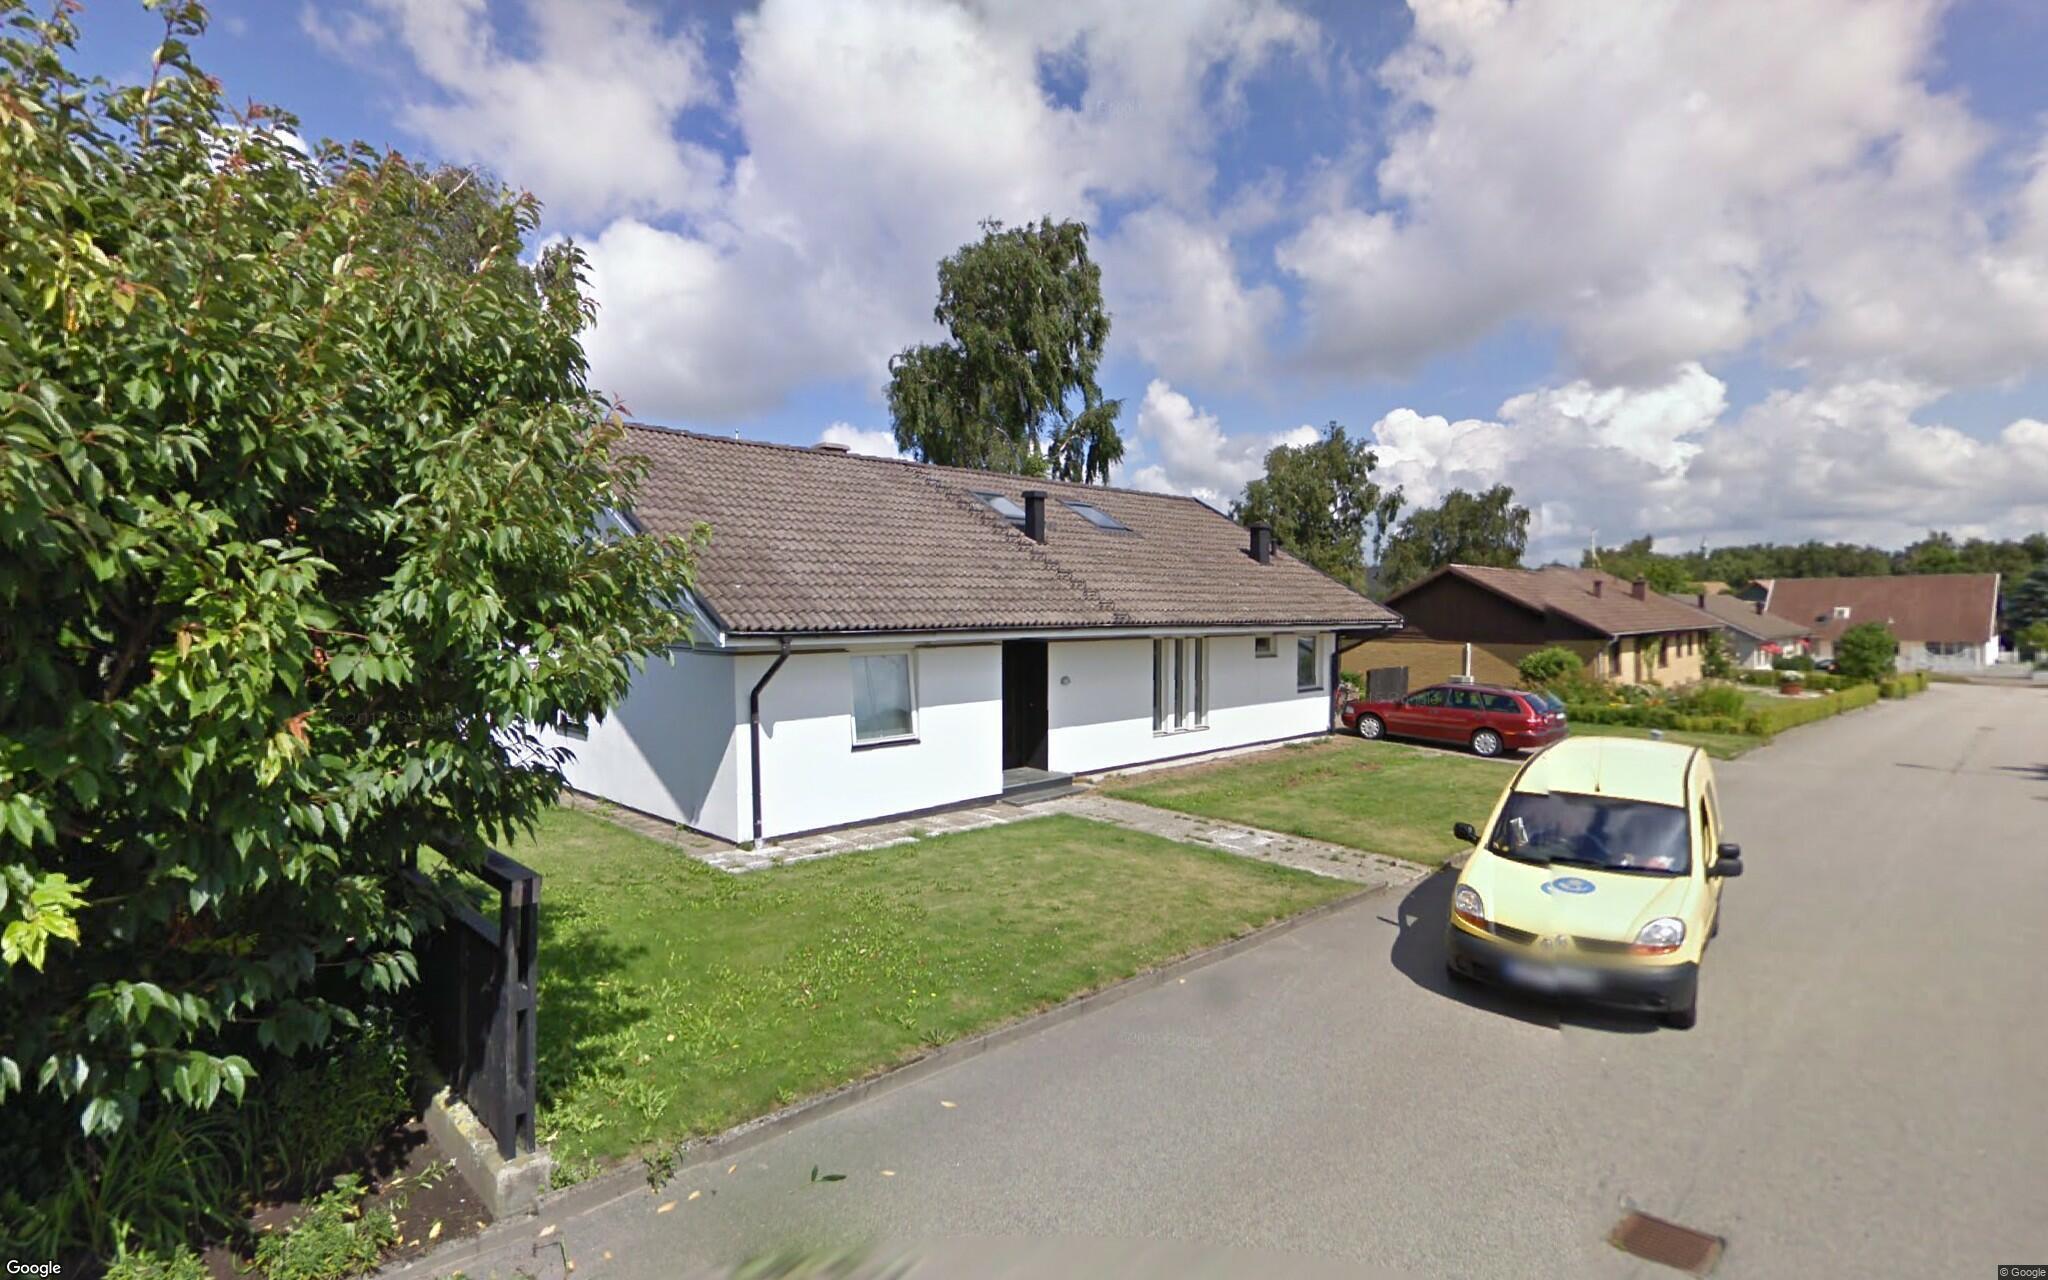 Hus på 142 kvadratmeter från 1977 sålt i Varberg – priset: 5 500 000 kronor